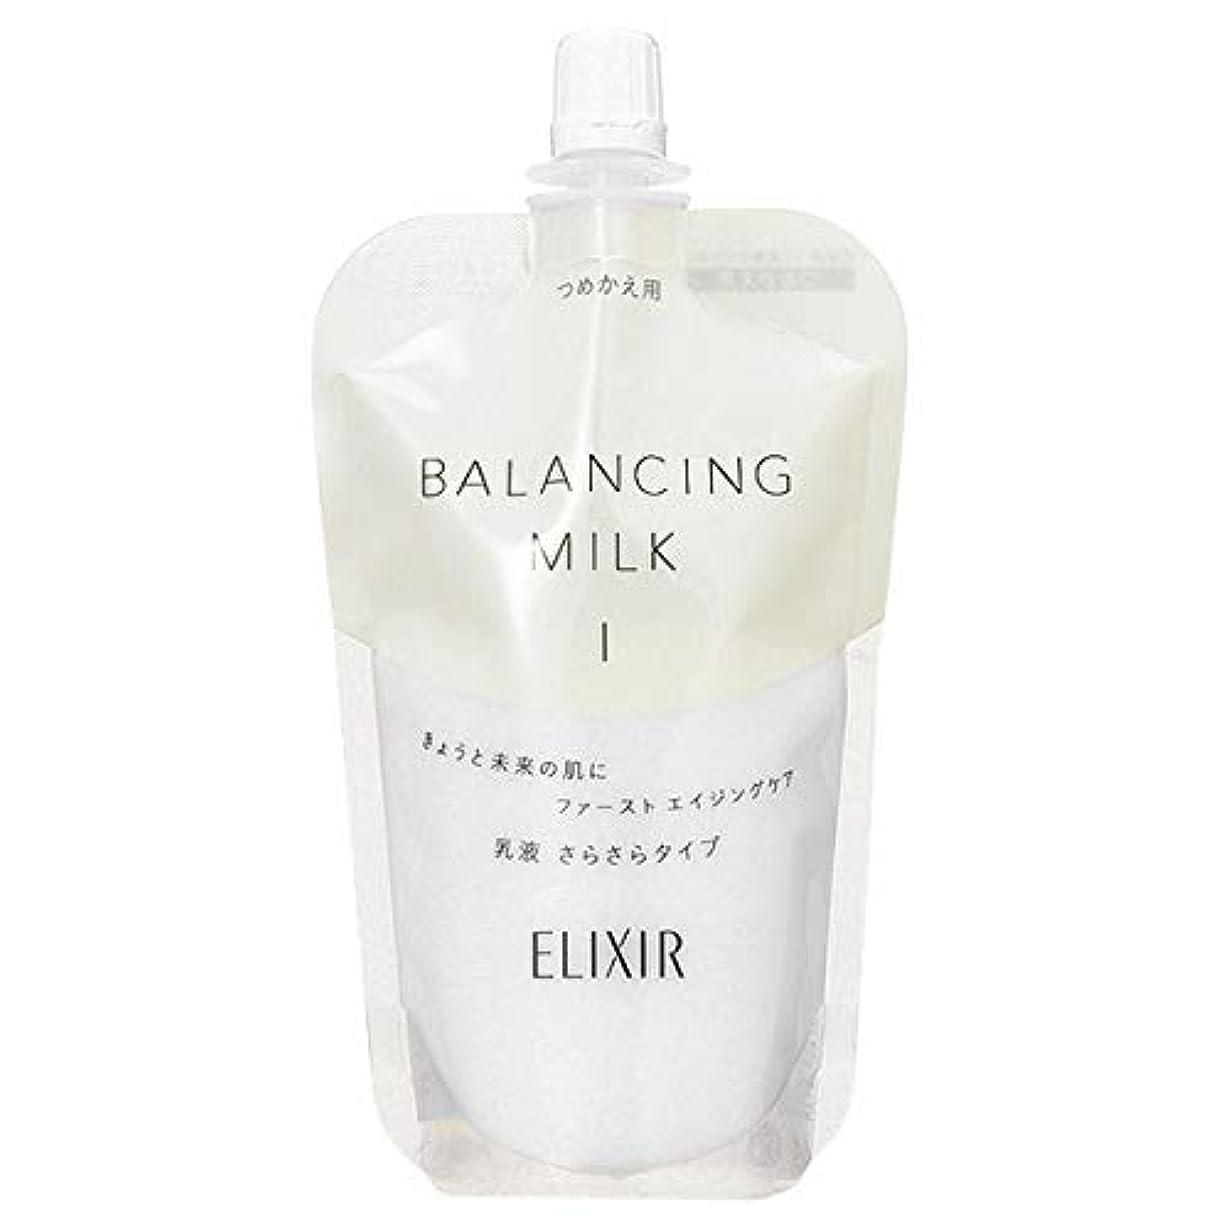 期間クラッシュ物理的にシセイドウ 資生堂 エリクシール ルフレ バランシング ミルク (つめかえ用) 110mL II とろとろタイプ (在庫) [並行輸入品]